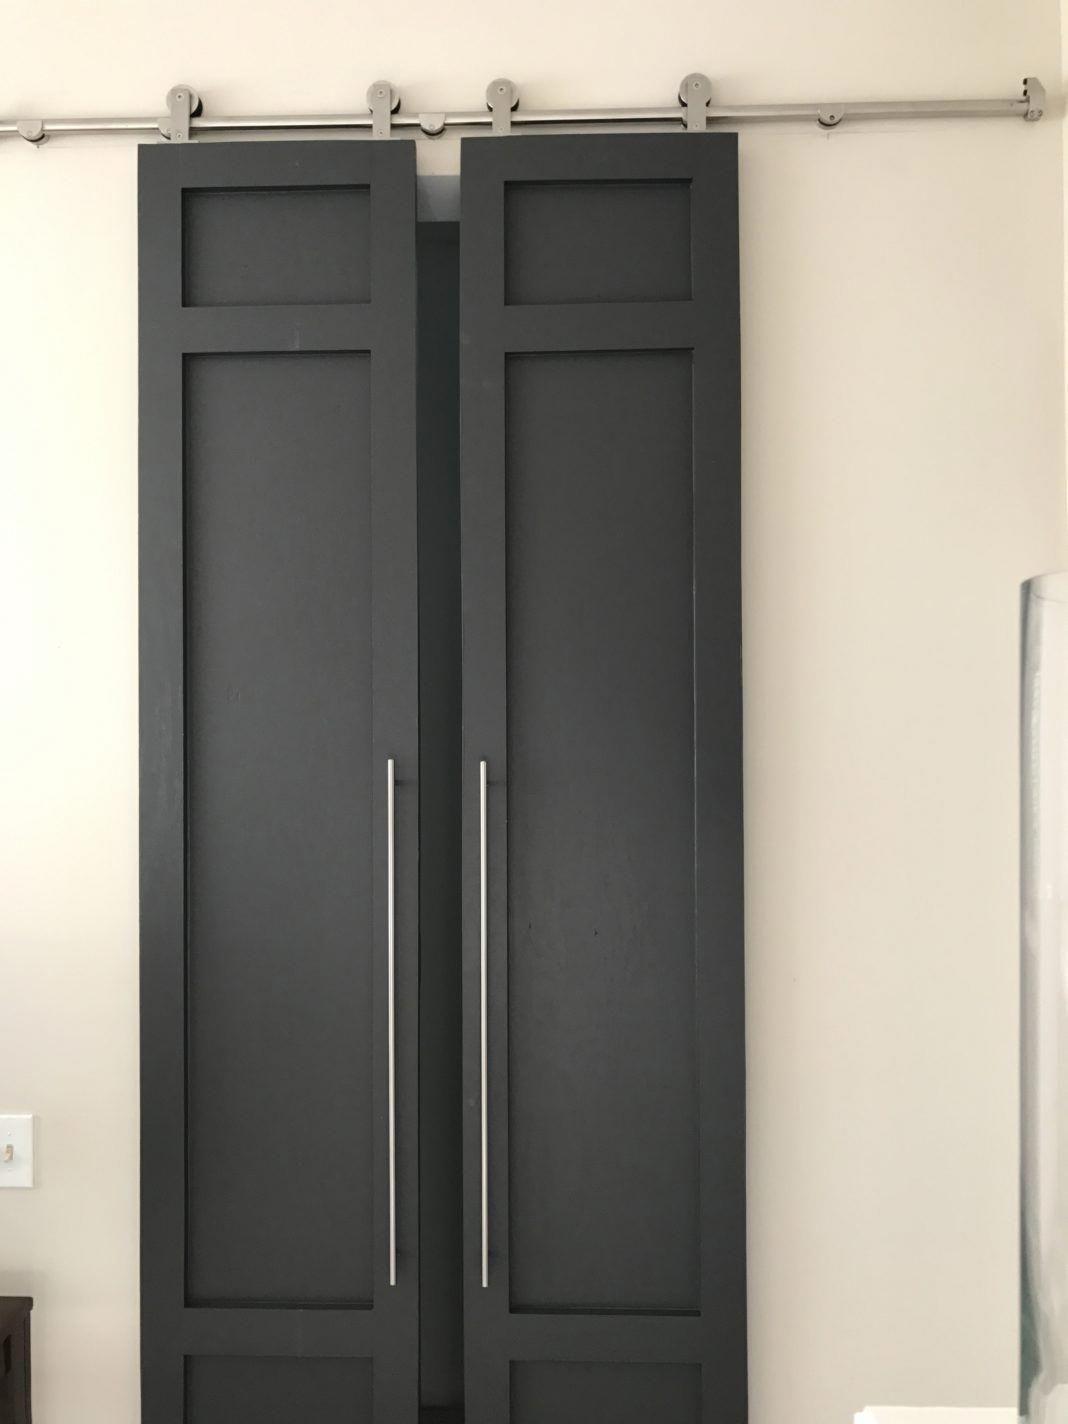 Double Barn Door Hardware Decorative Interior Barn Doors Purchase Sliding Barn Doors 20181 Modern Barn Door Sliding Barn Door Hardware Modern Sliding Doors